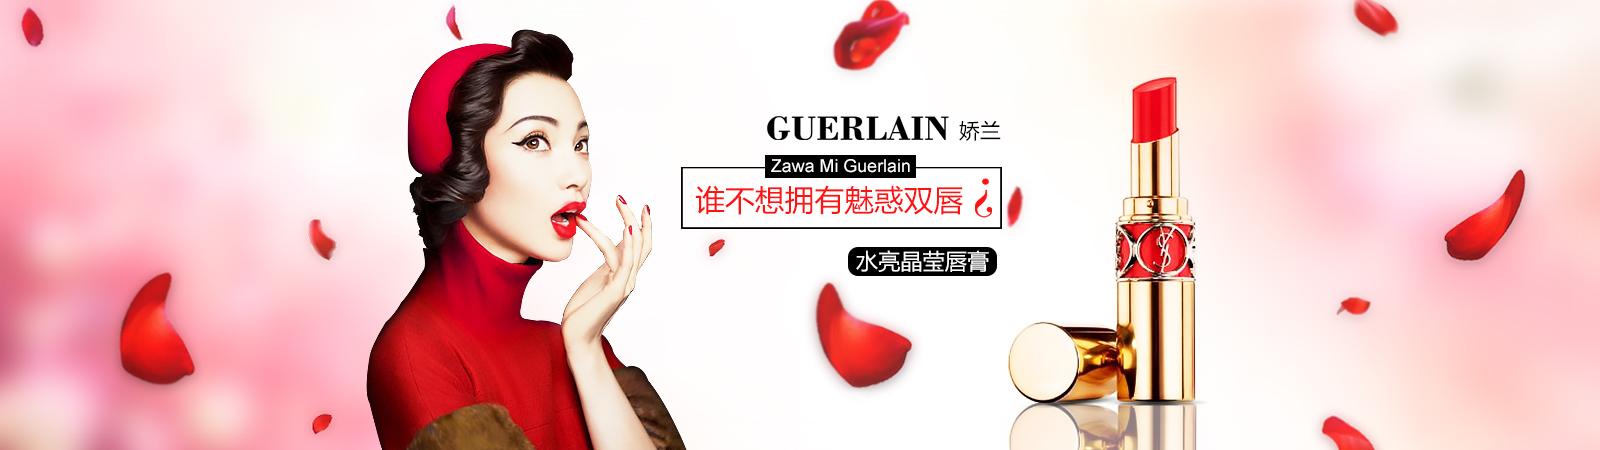 魅惑口红|网页|banner/广告图|springlan - 原创作品